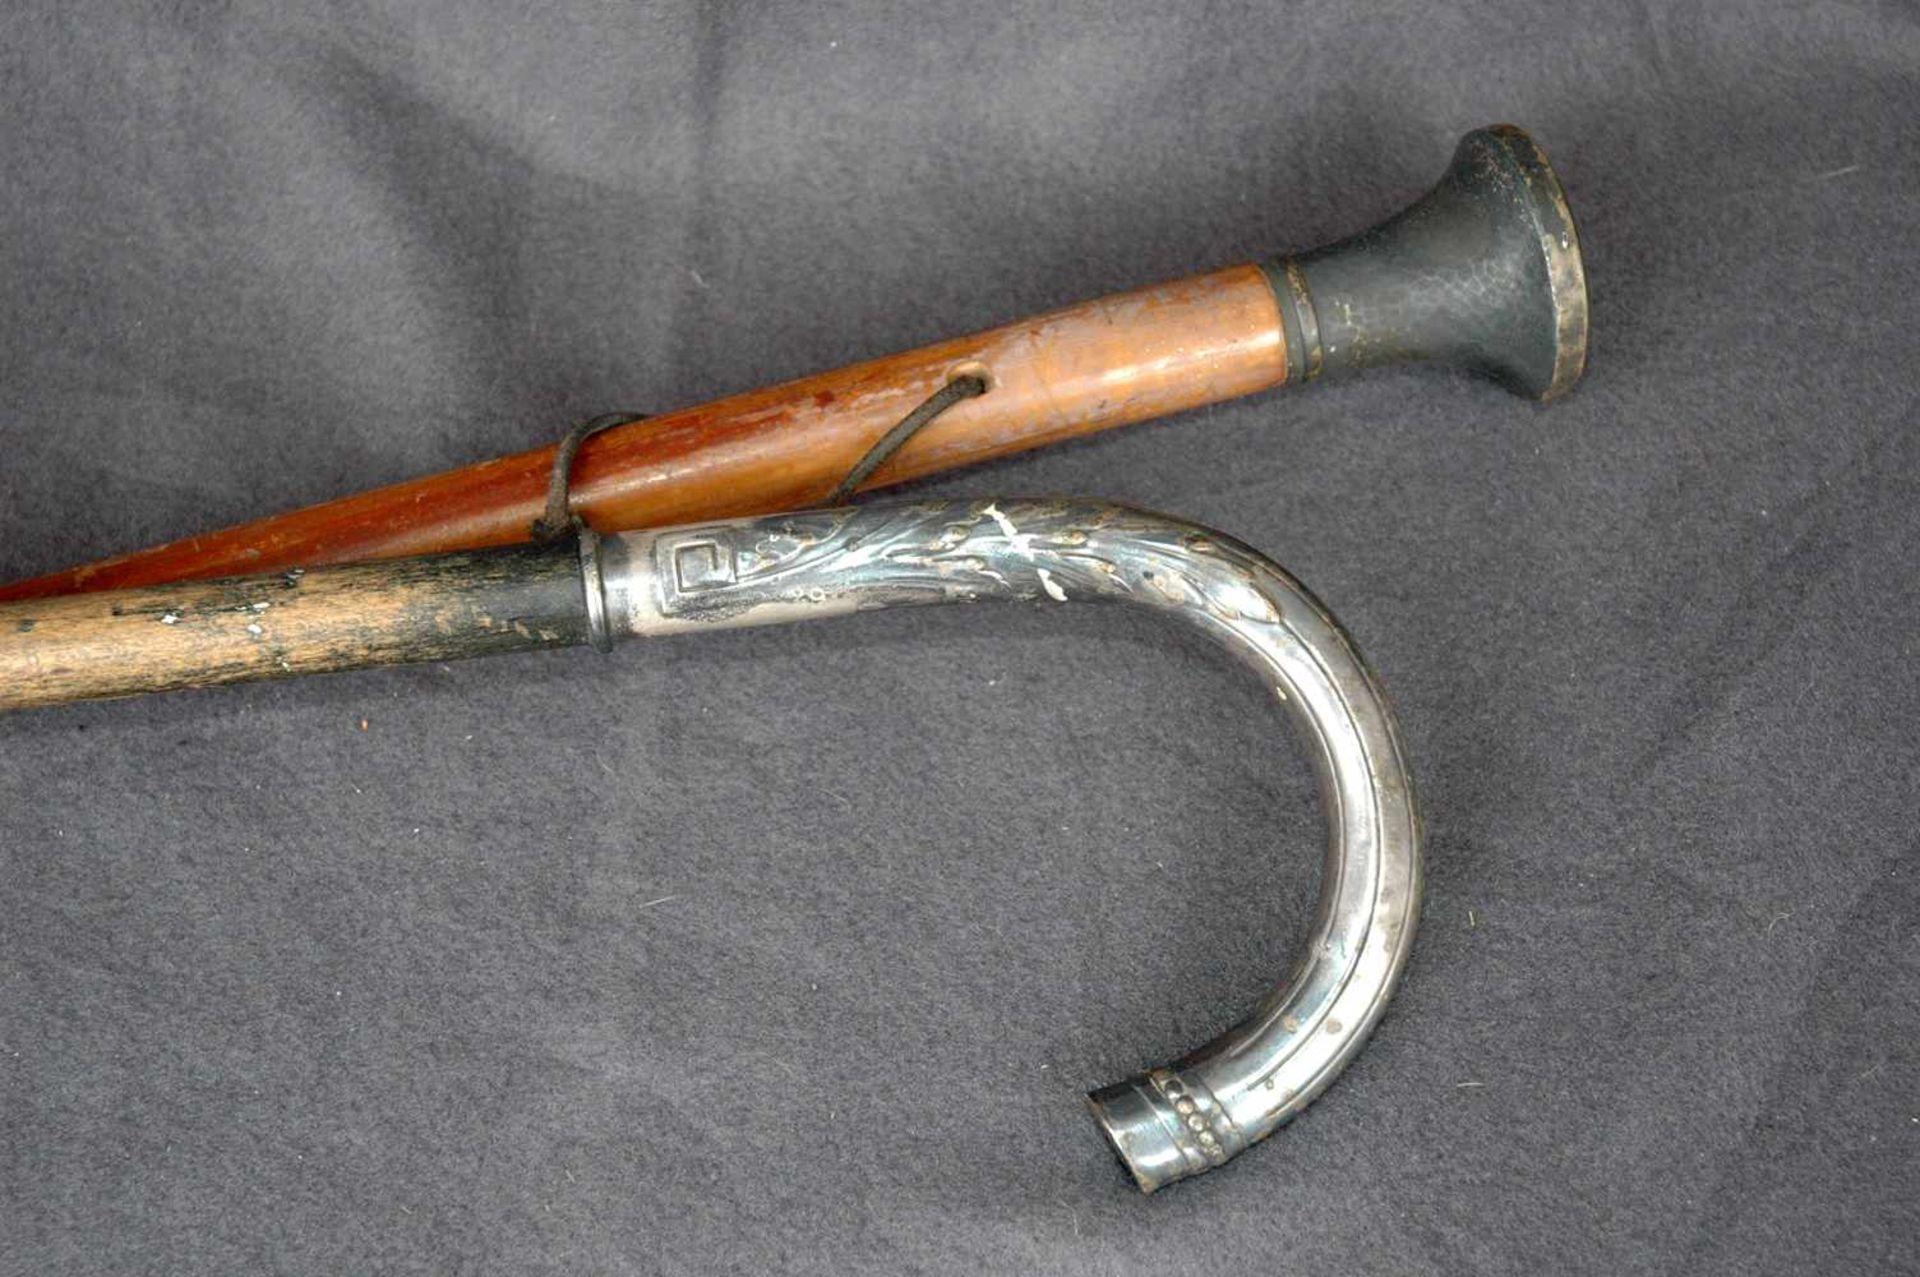 Zwei Spazierstöcke1= 800/- Silber-Knauf, l= 89 cm1= vermutlich versilbert, Ornament, l= 84 cm